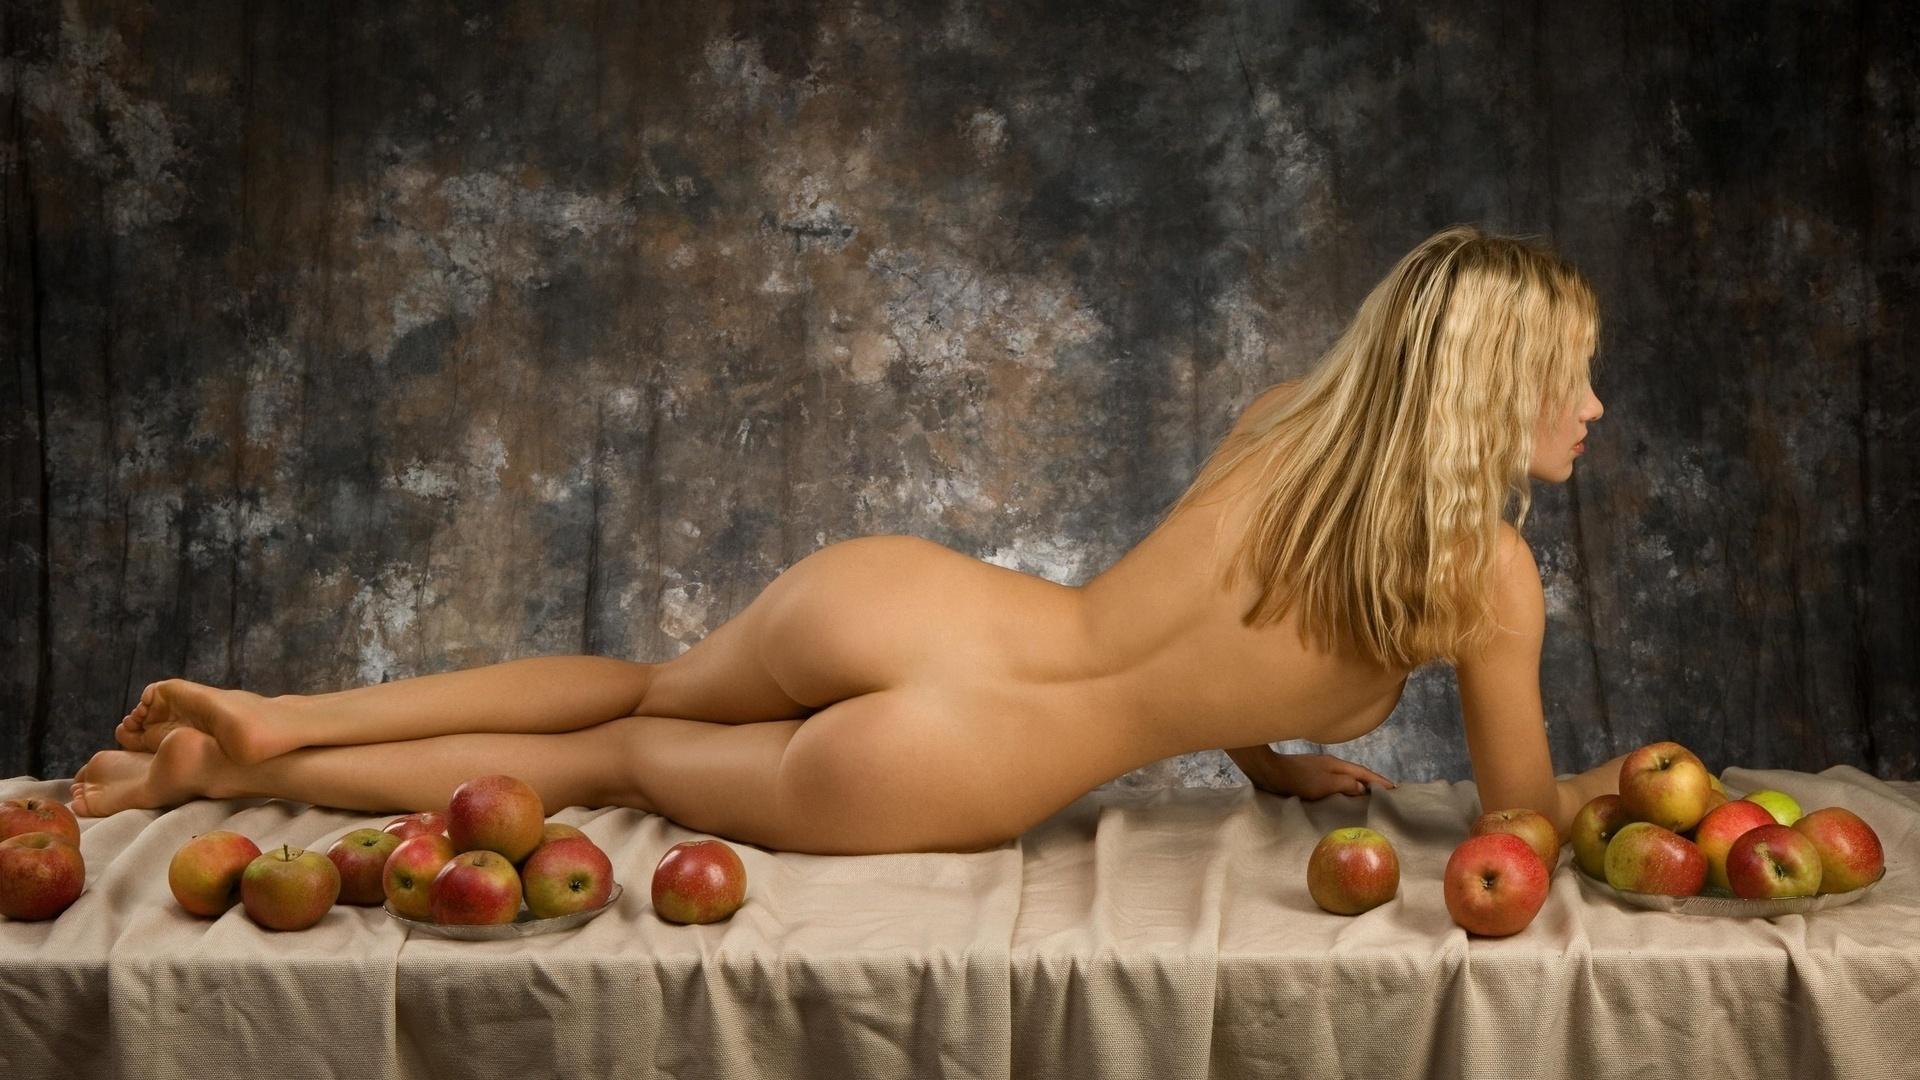 Эротический рассказ яблоко от яблони 19 фотография